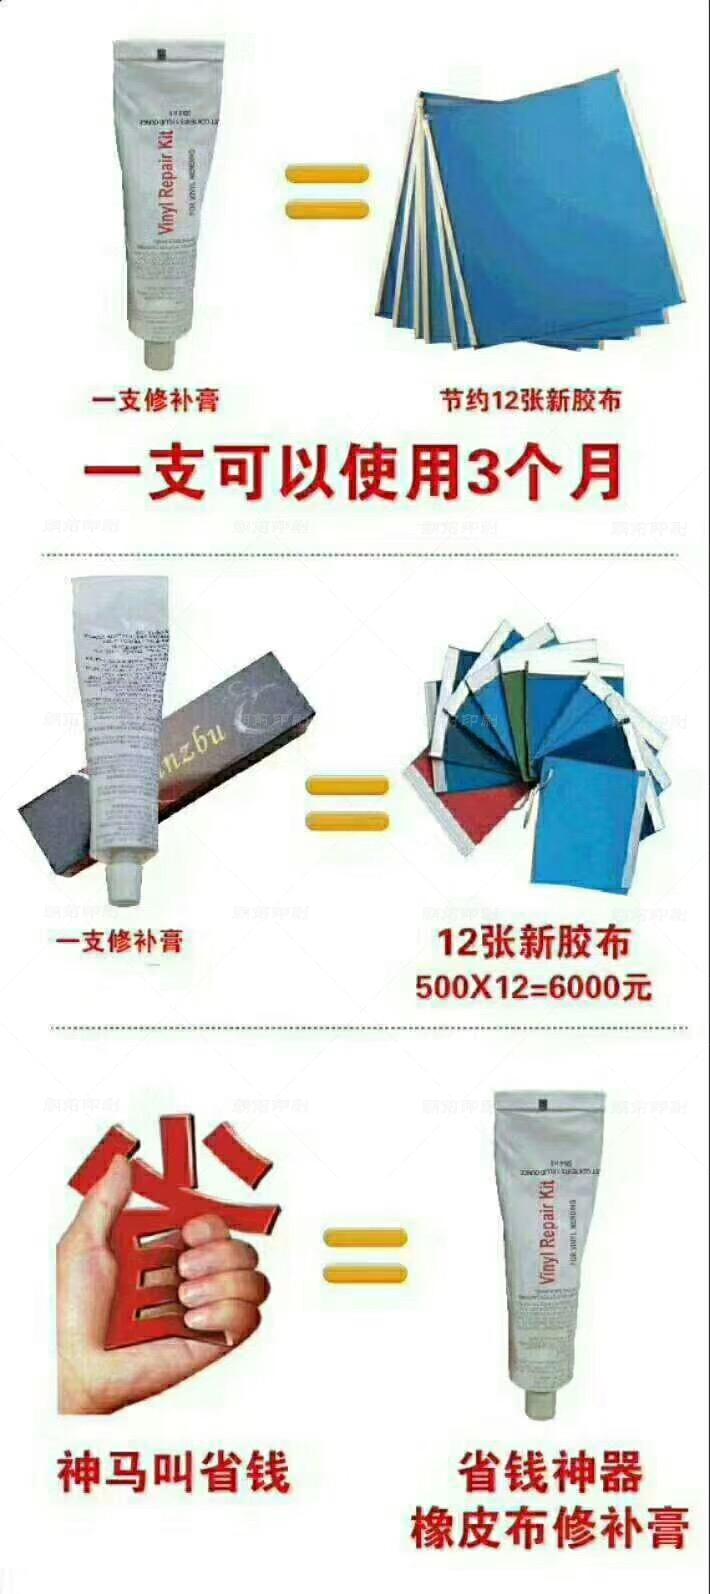 印刷版修补方法